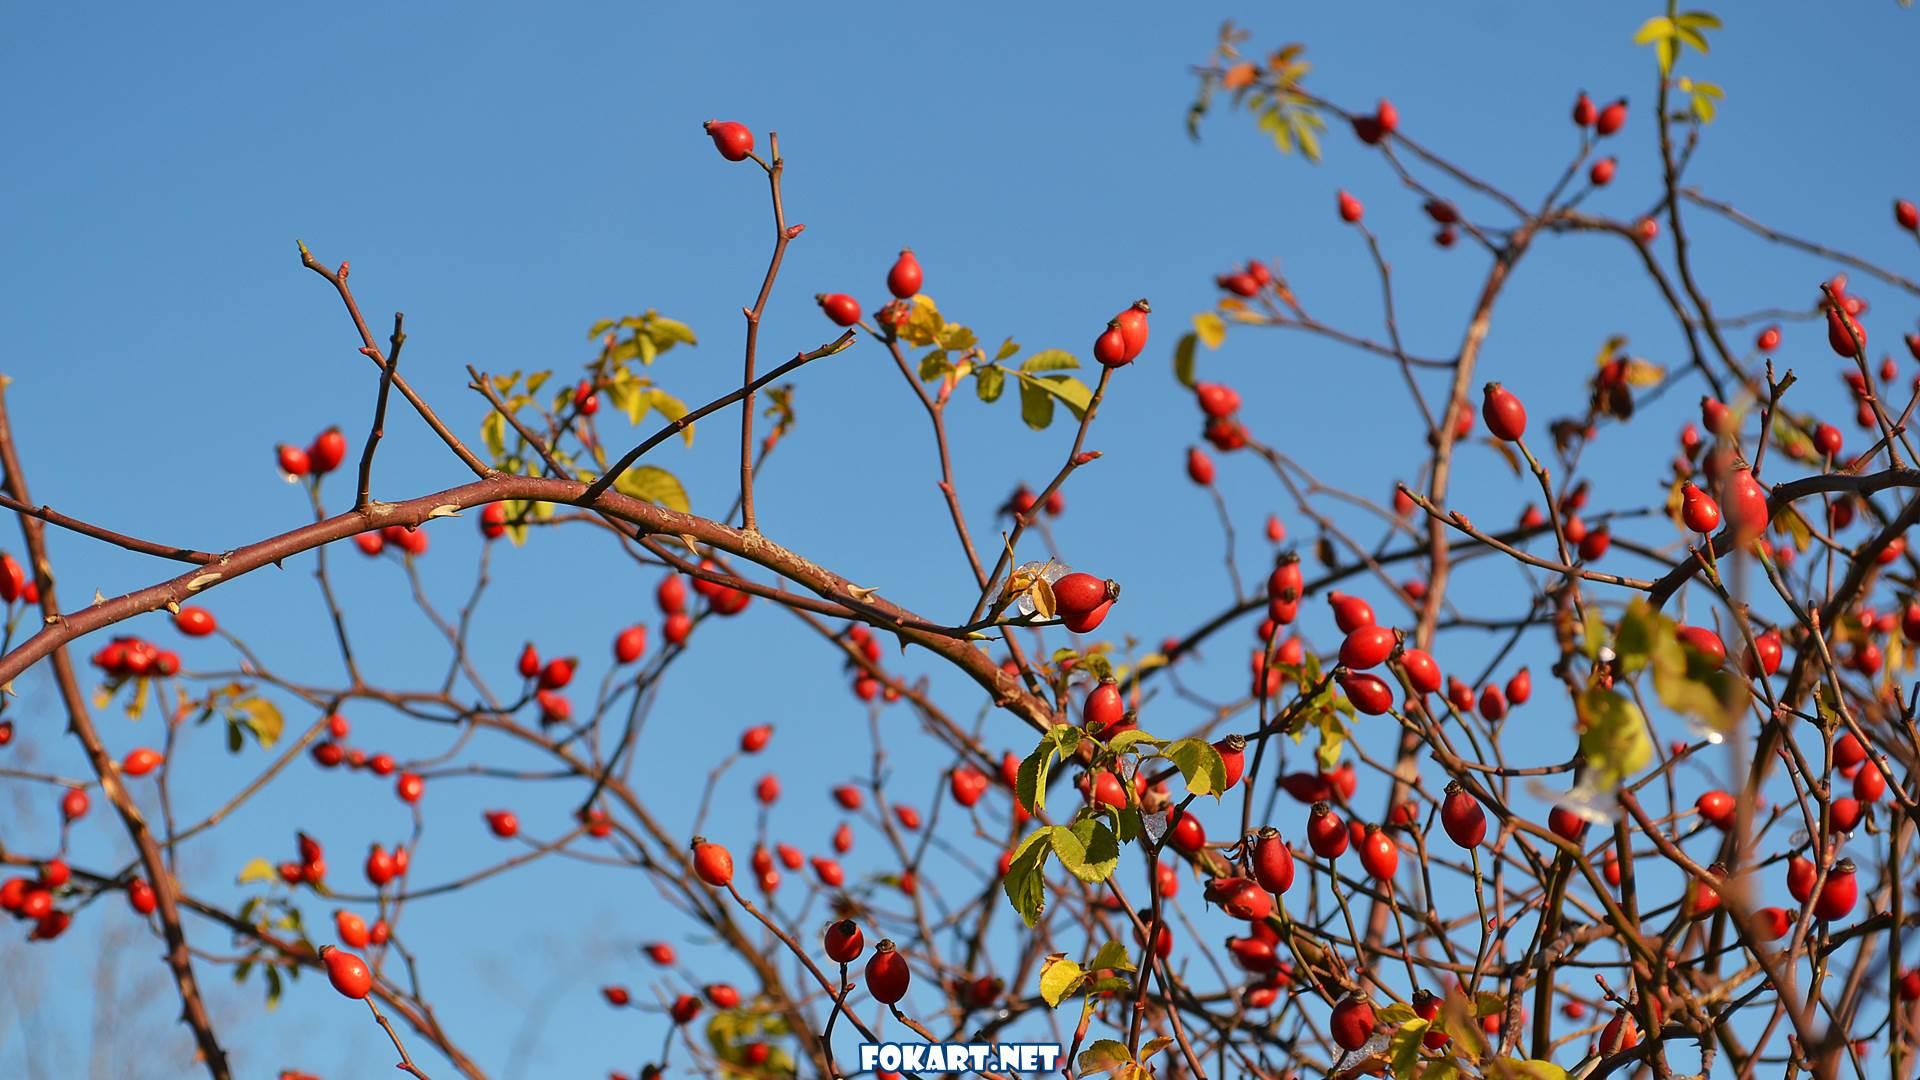 Ярко-красные ягоды шиповника в морозный зимний день